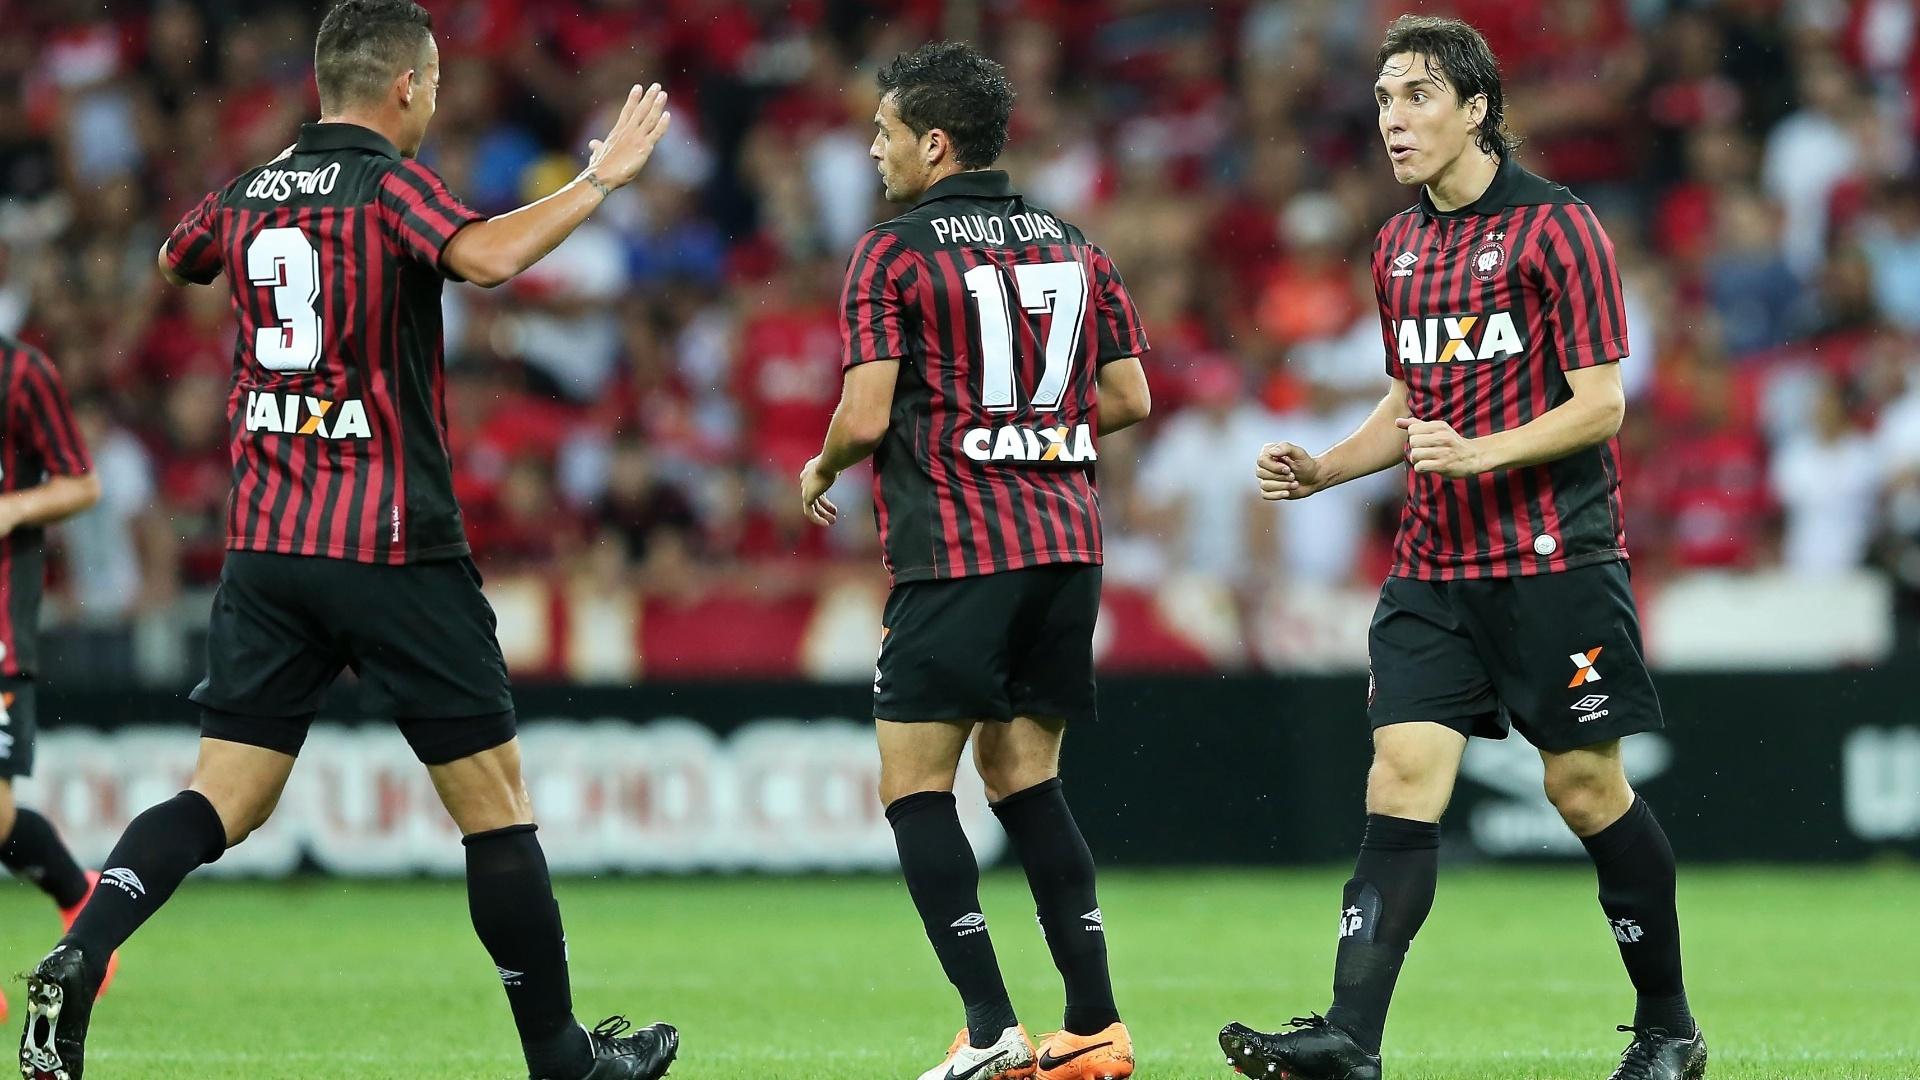 Cléo marcou dois gols e virou para o Atlético-PR na Arena da Baixada